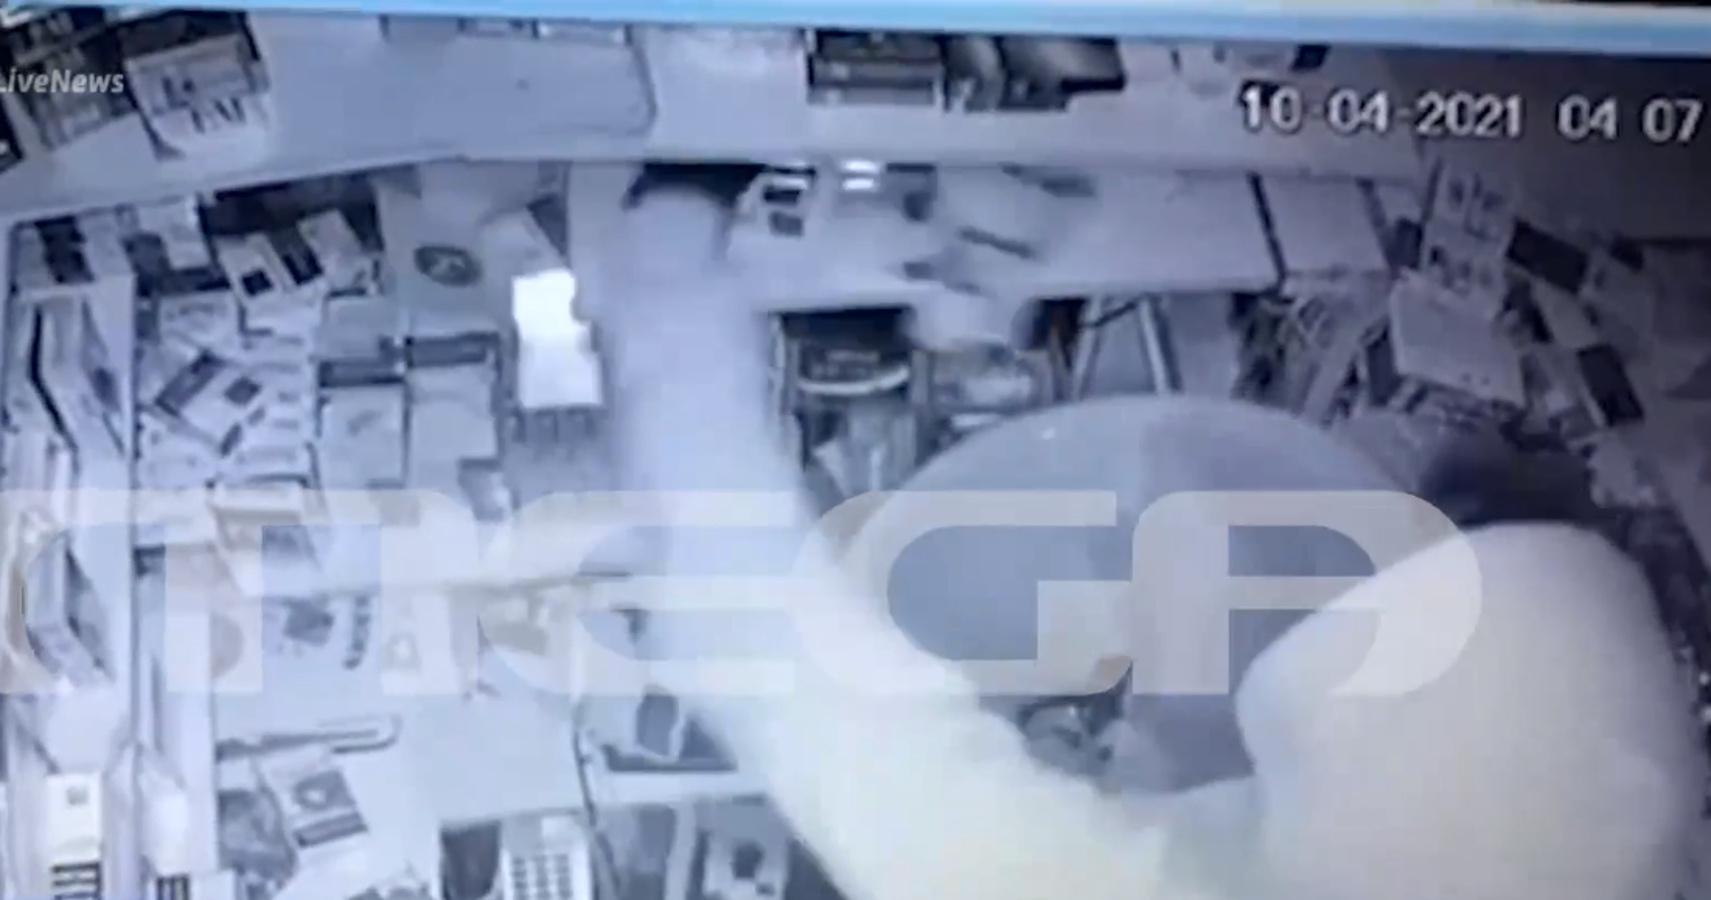 Ηράκλειο: Έκλεβαν επί 5 ώρες περίπτερο, αλλά πλήρωσαν το λάθος με τα barcode (vid)